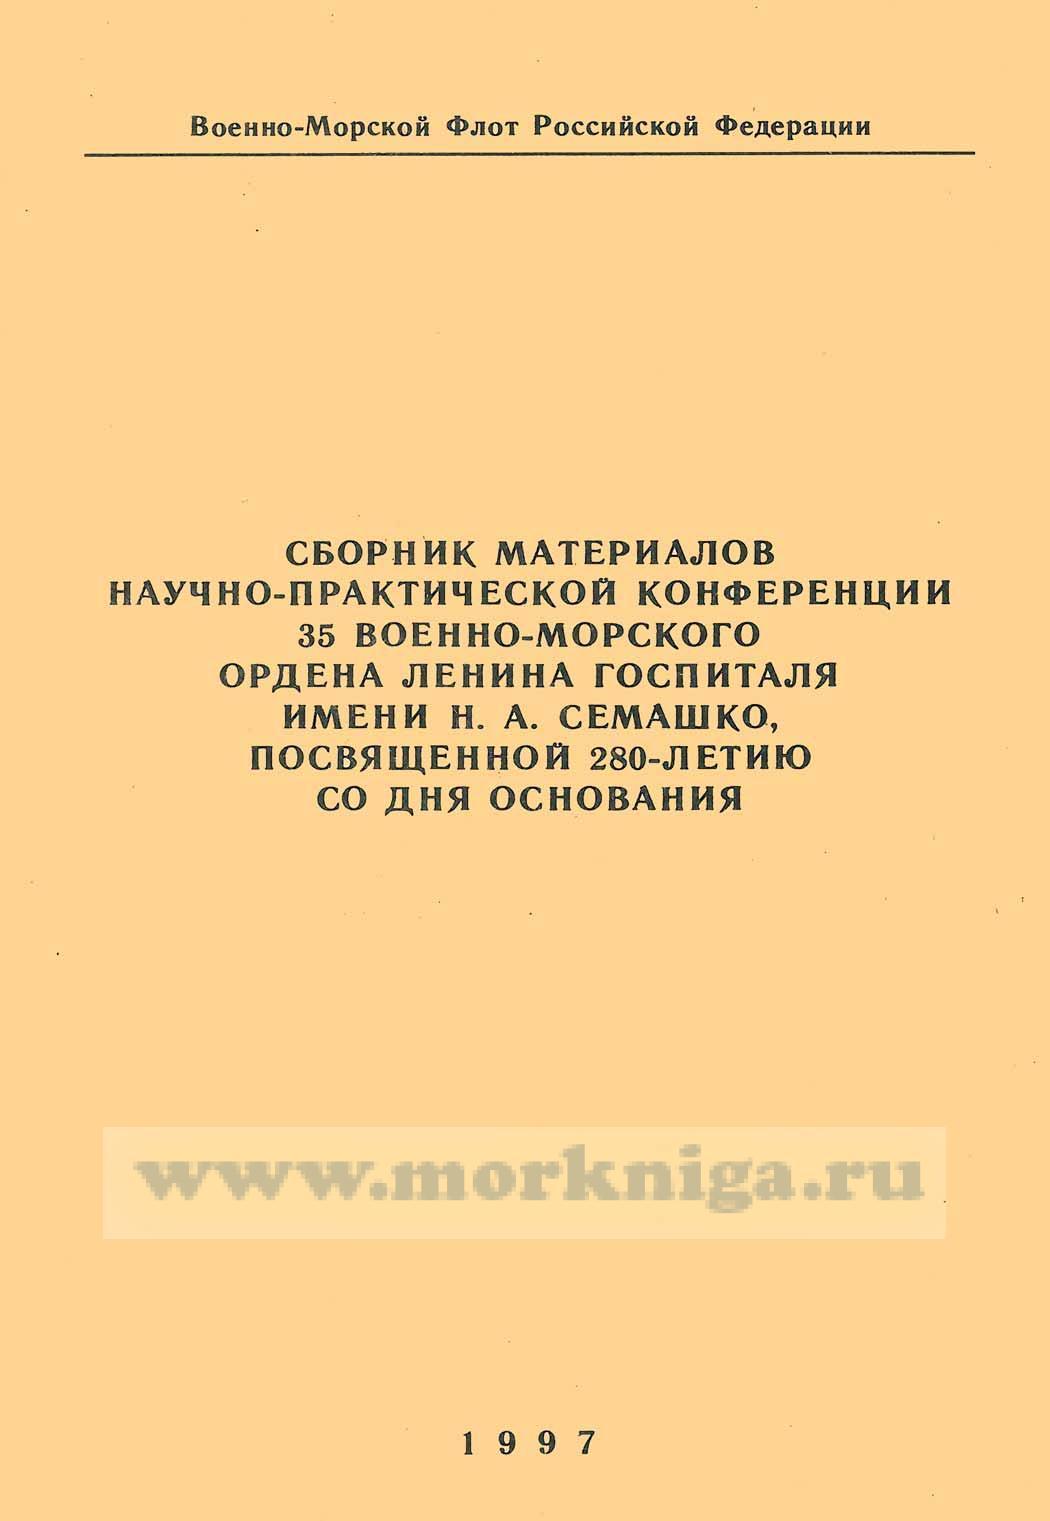 Сборник материалов научно-практической конференции 35 военно-морского ордена Ленина госпиталя им. Н.А. Семашко, посвященной 280-летию со дня основания